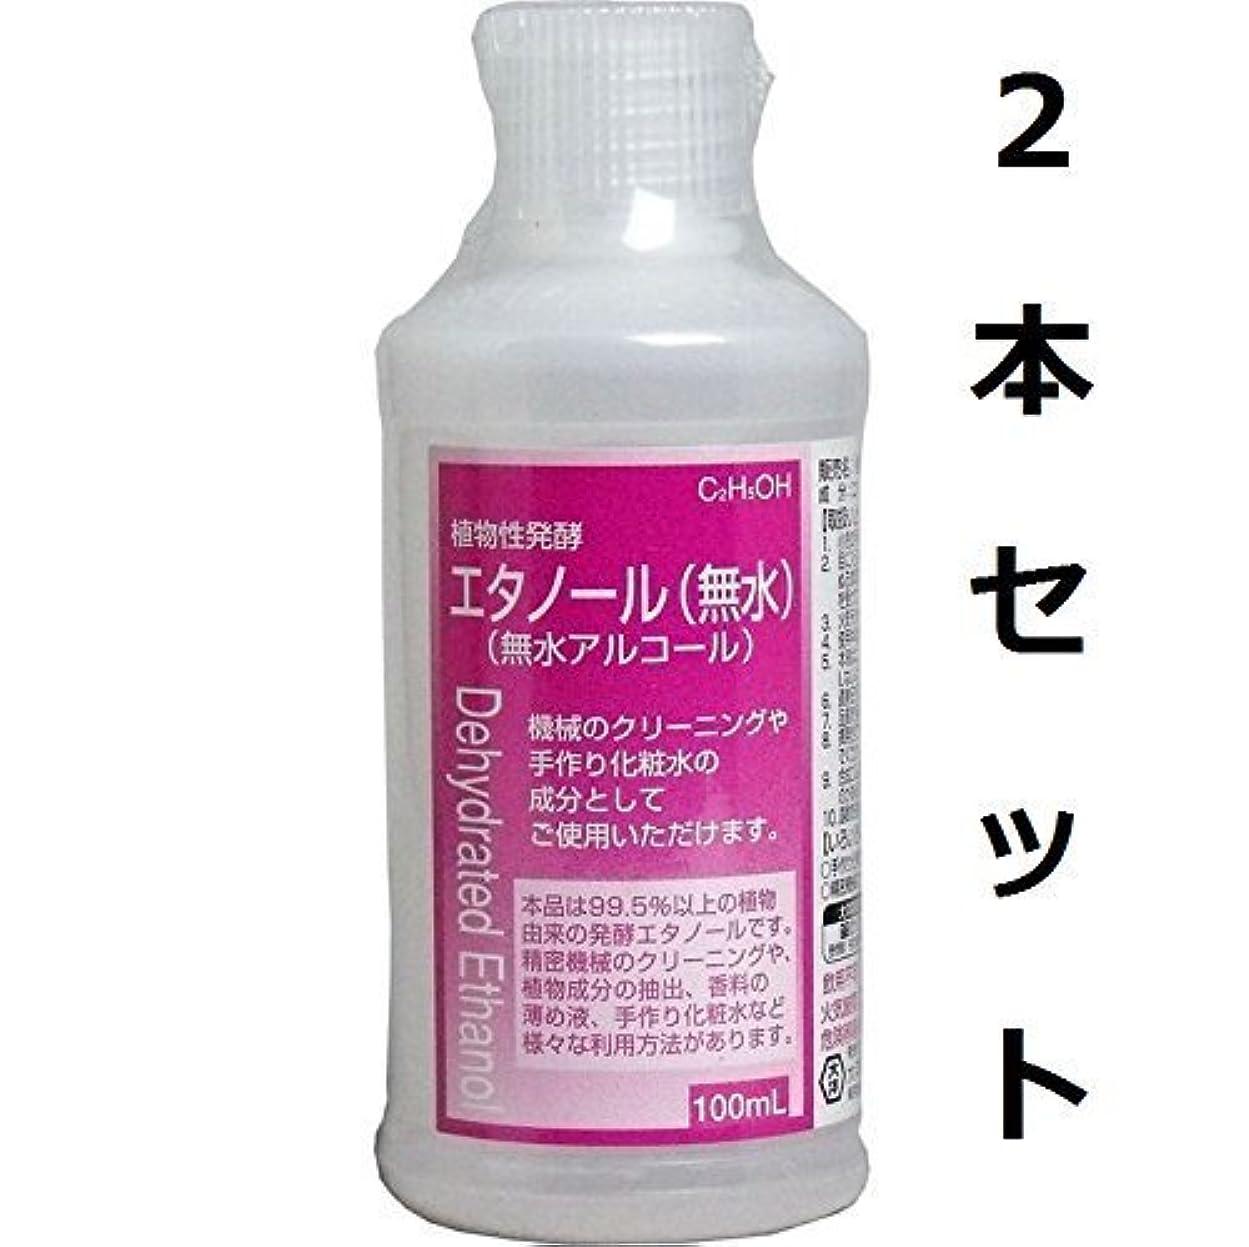 近々結婚式災害香料の薄め液に 植物性発酵エタノール(無水エタノール) 100mL 2本セット by 大洋製薬